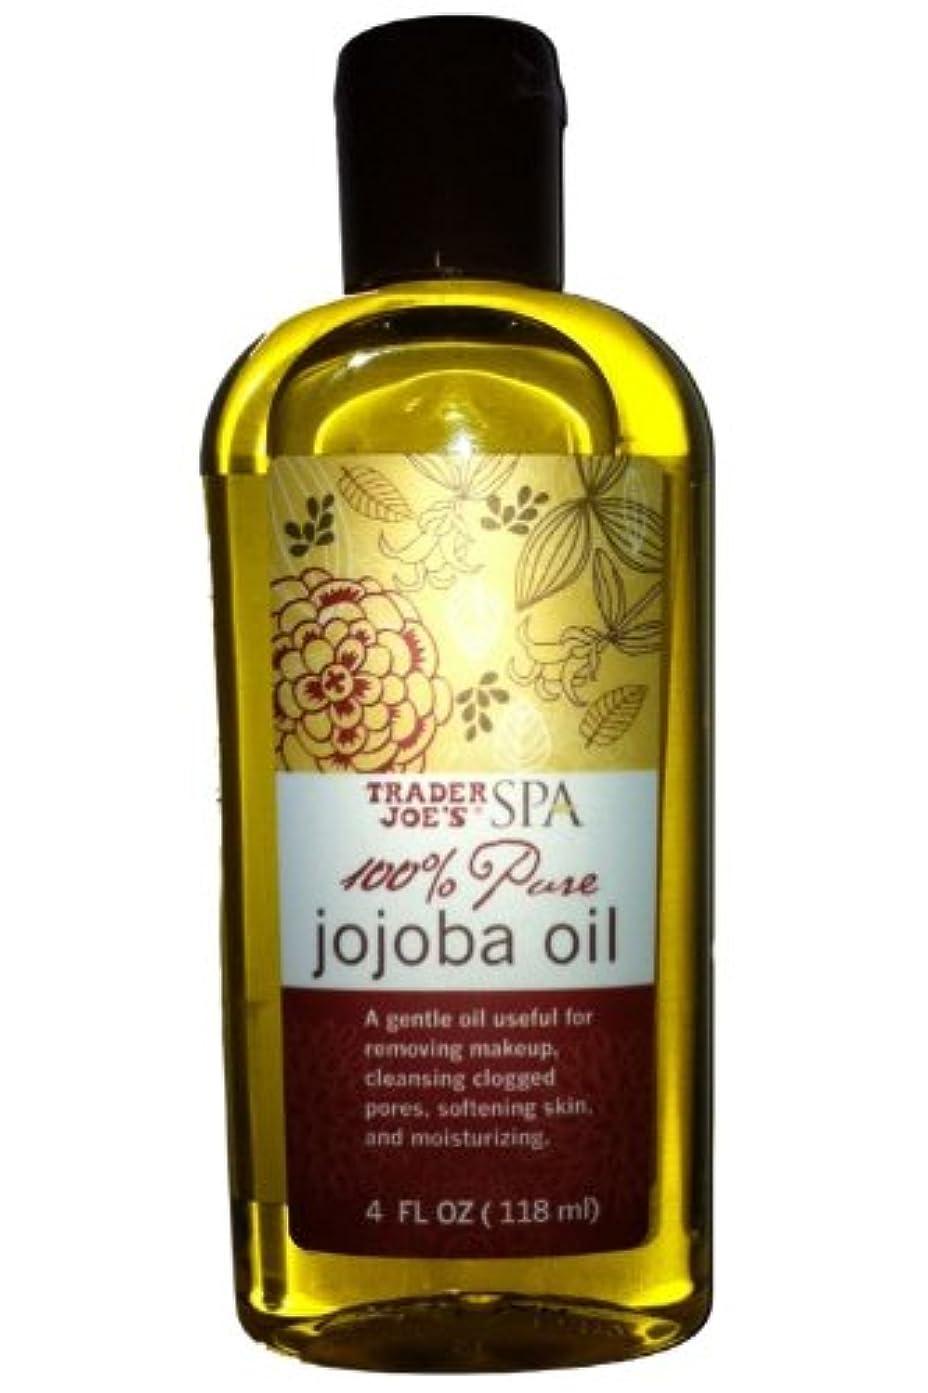 反対に屋内で嵐トレーダージョーズ 100%ピュア ホホバオイル[並行輸入品] Trader Joe's SPA 100% Pure Jojoba Oil (4FL OZ/118ml)